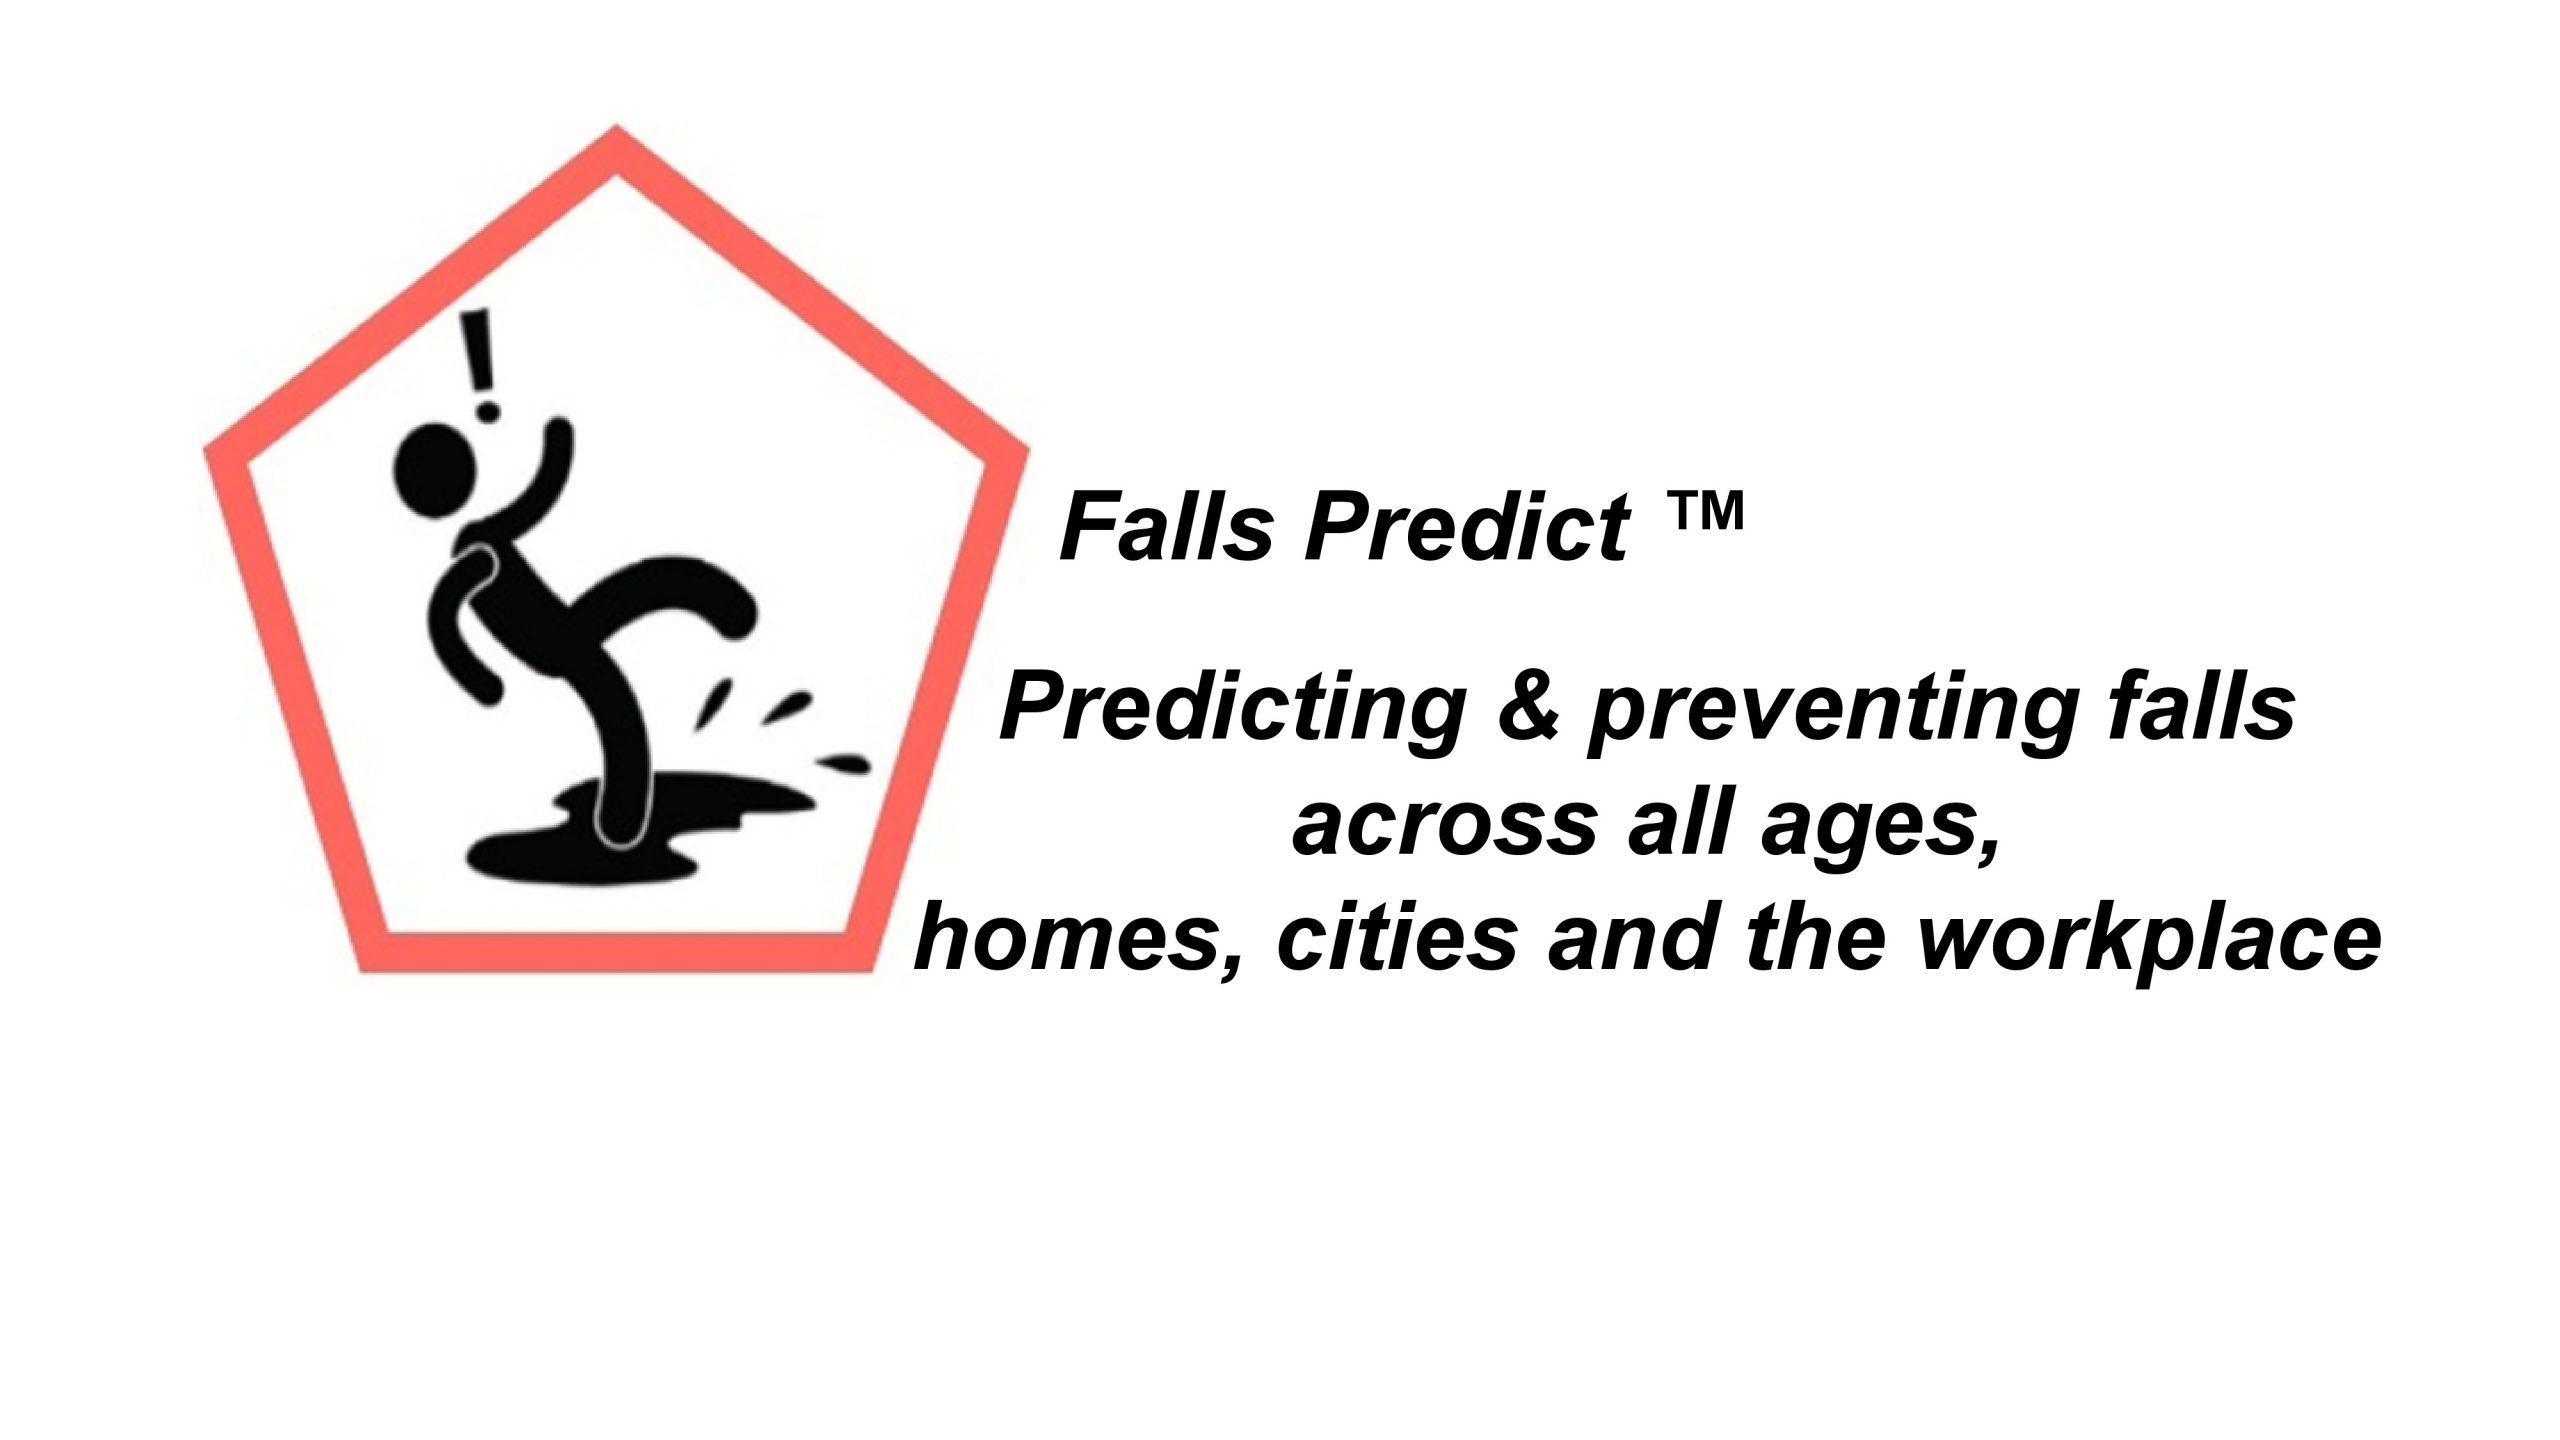 Falls Predict ™